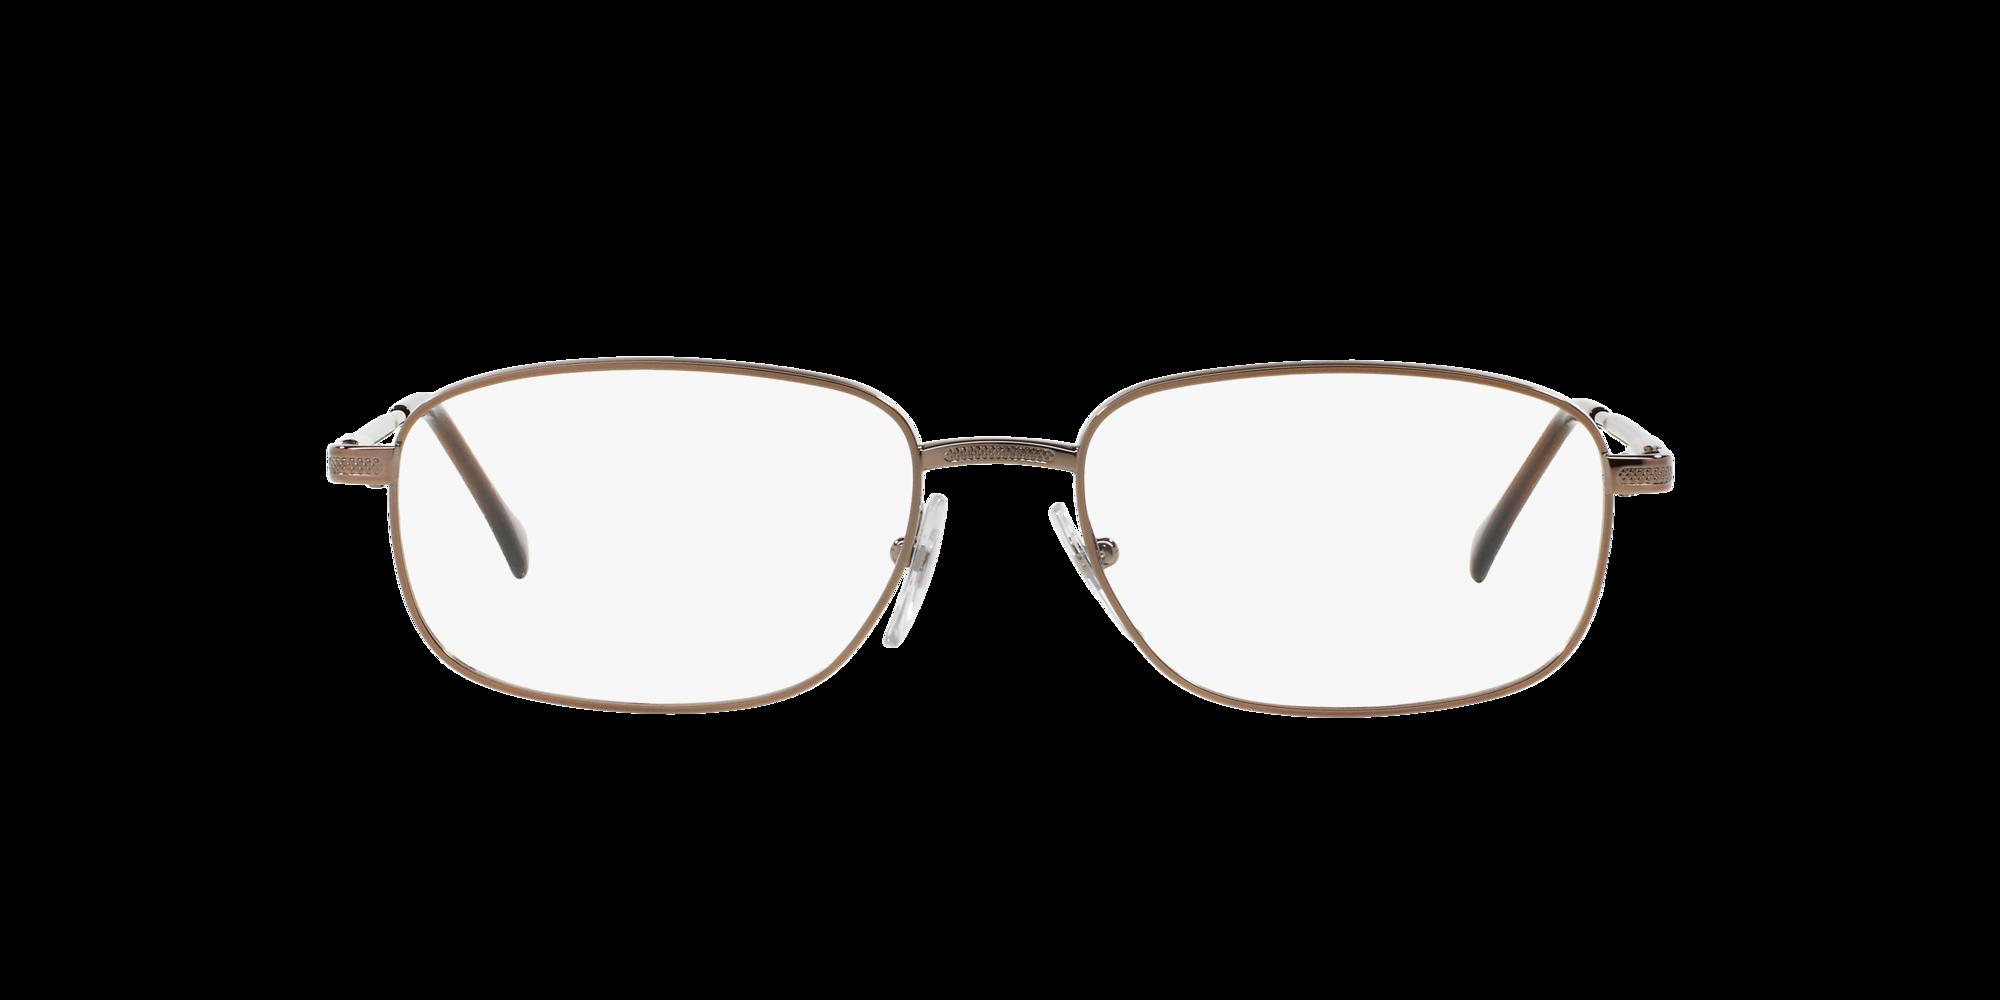 Imagen para SF2086 de LensCrafters |  Espejuelos, espejuelos graduados en línea, gafas